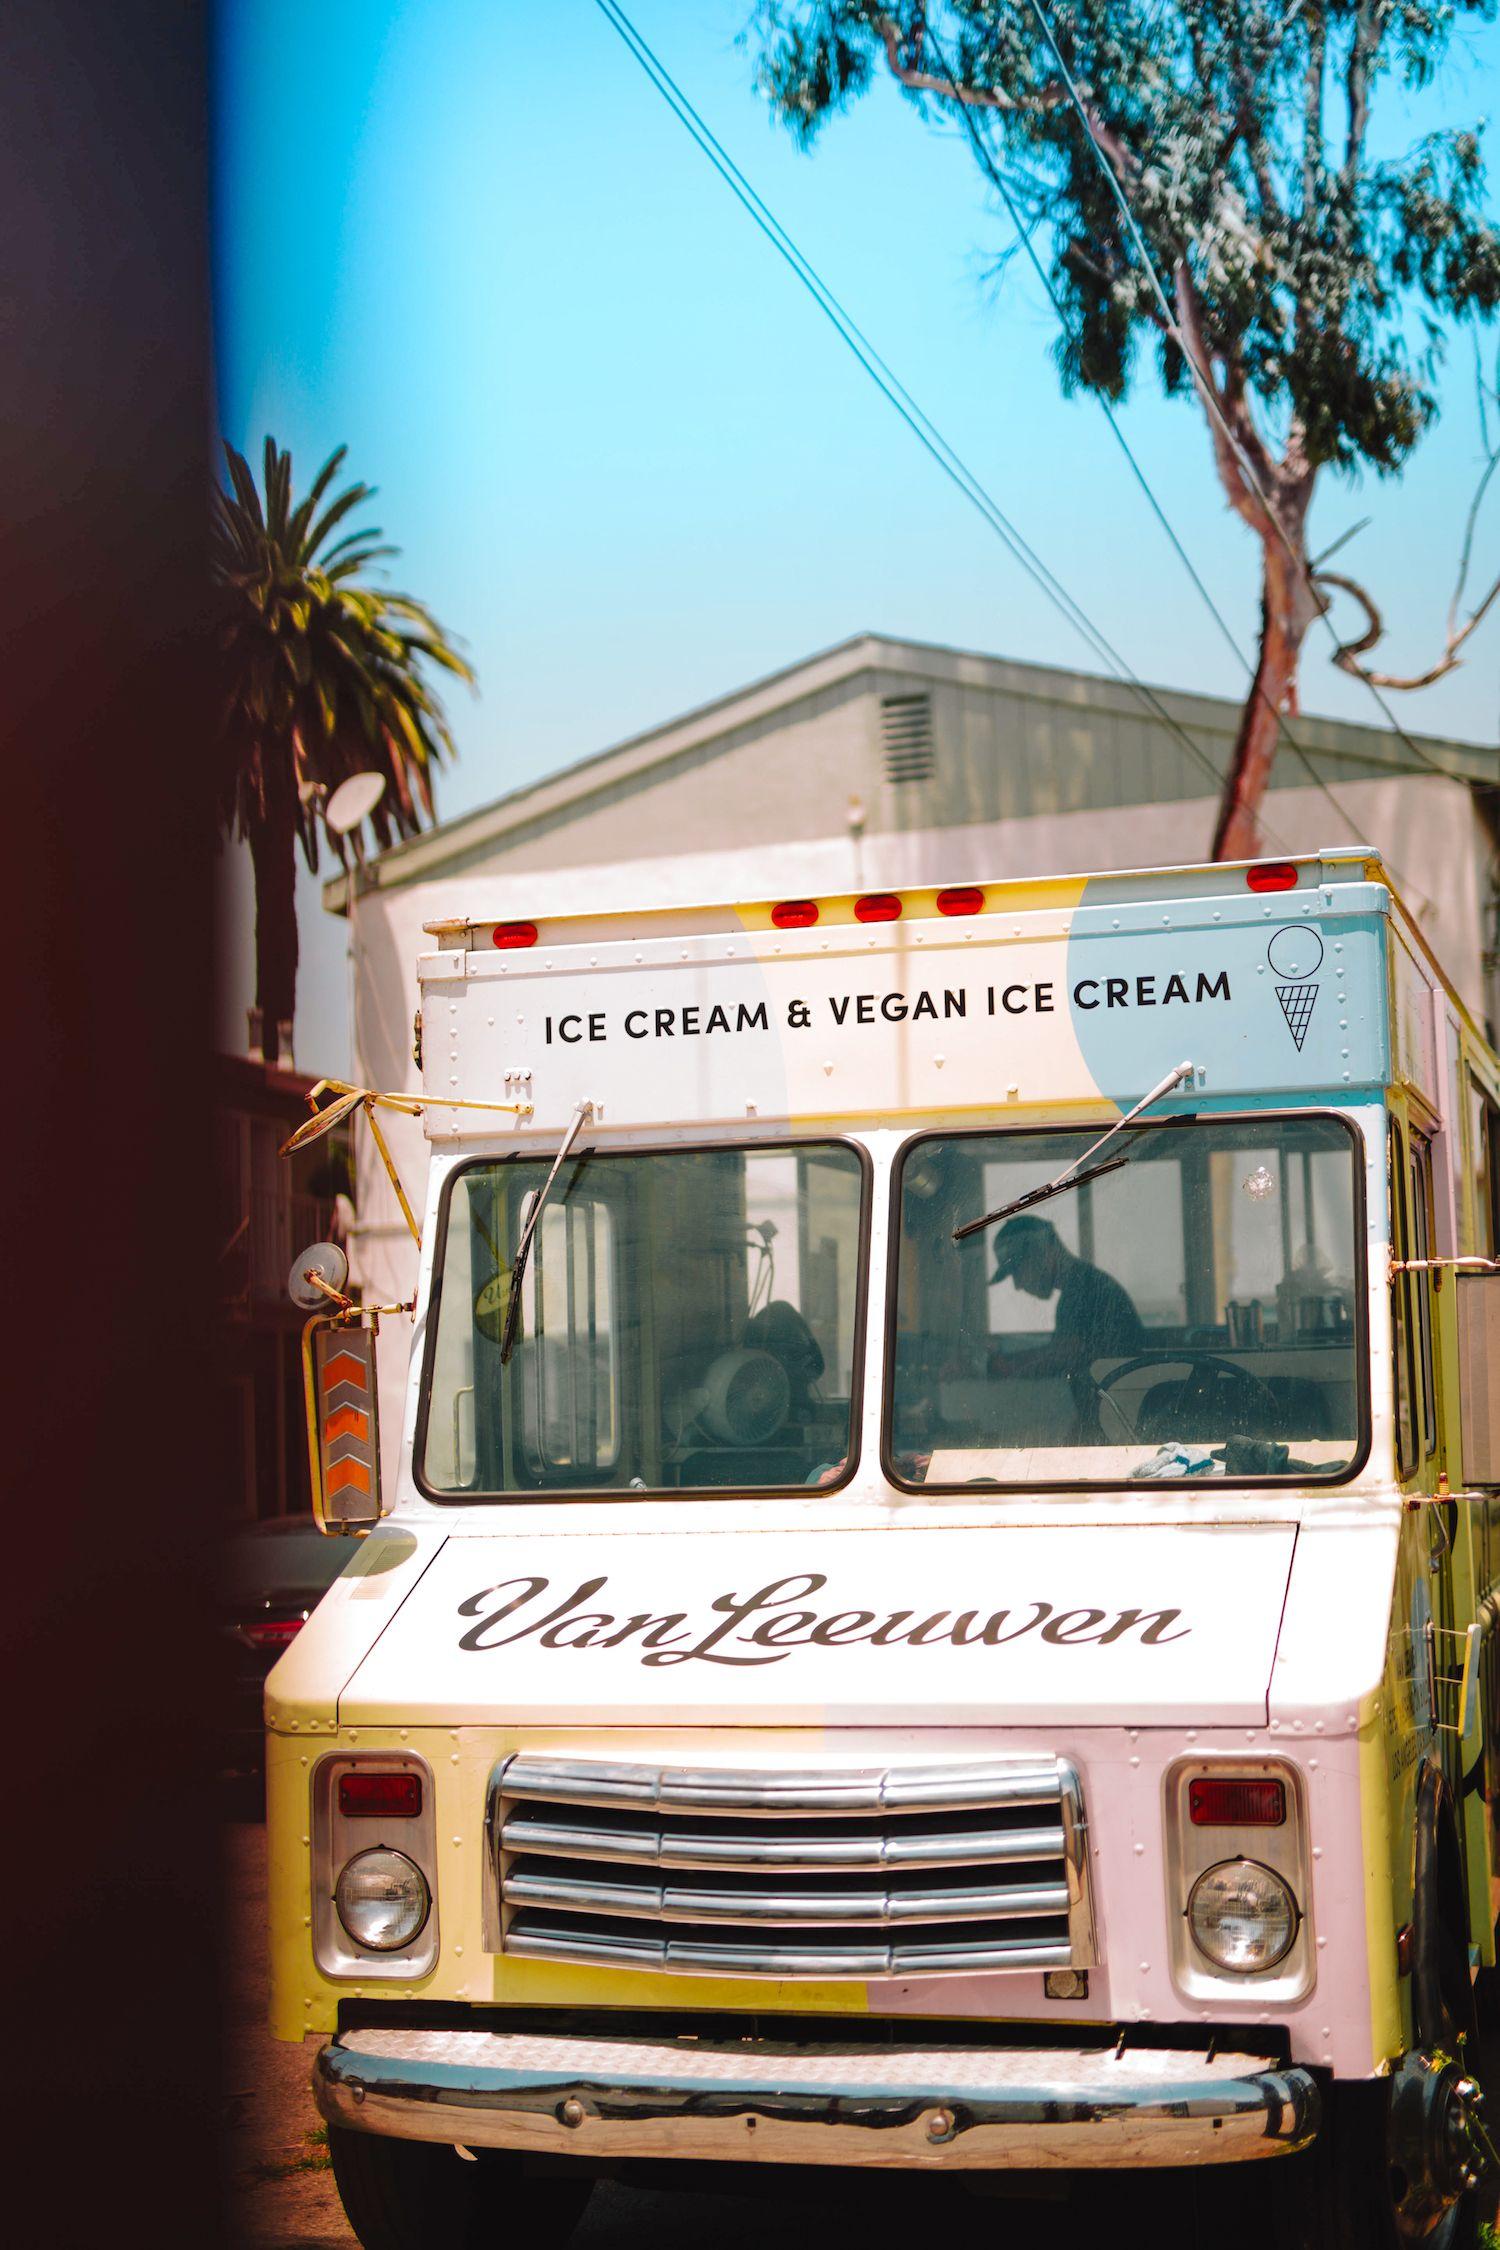 Bared_Footwear_Womens_LA_Summer_House_Two_Birds_Talking_Van_Leeuwen_Ice_Cream